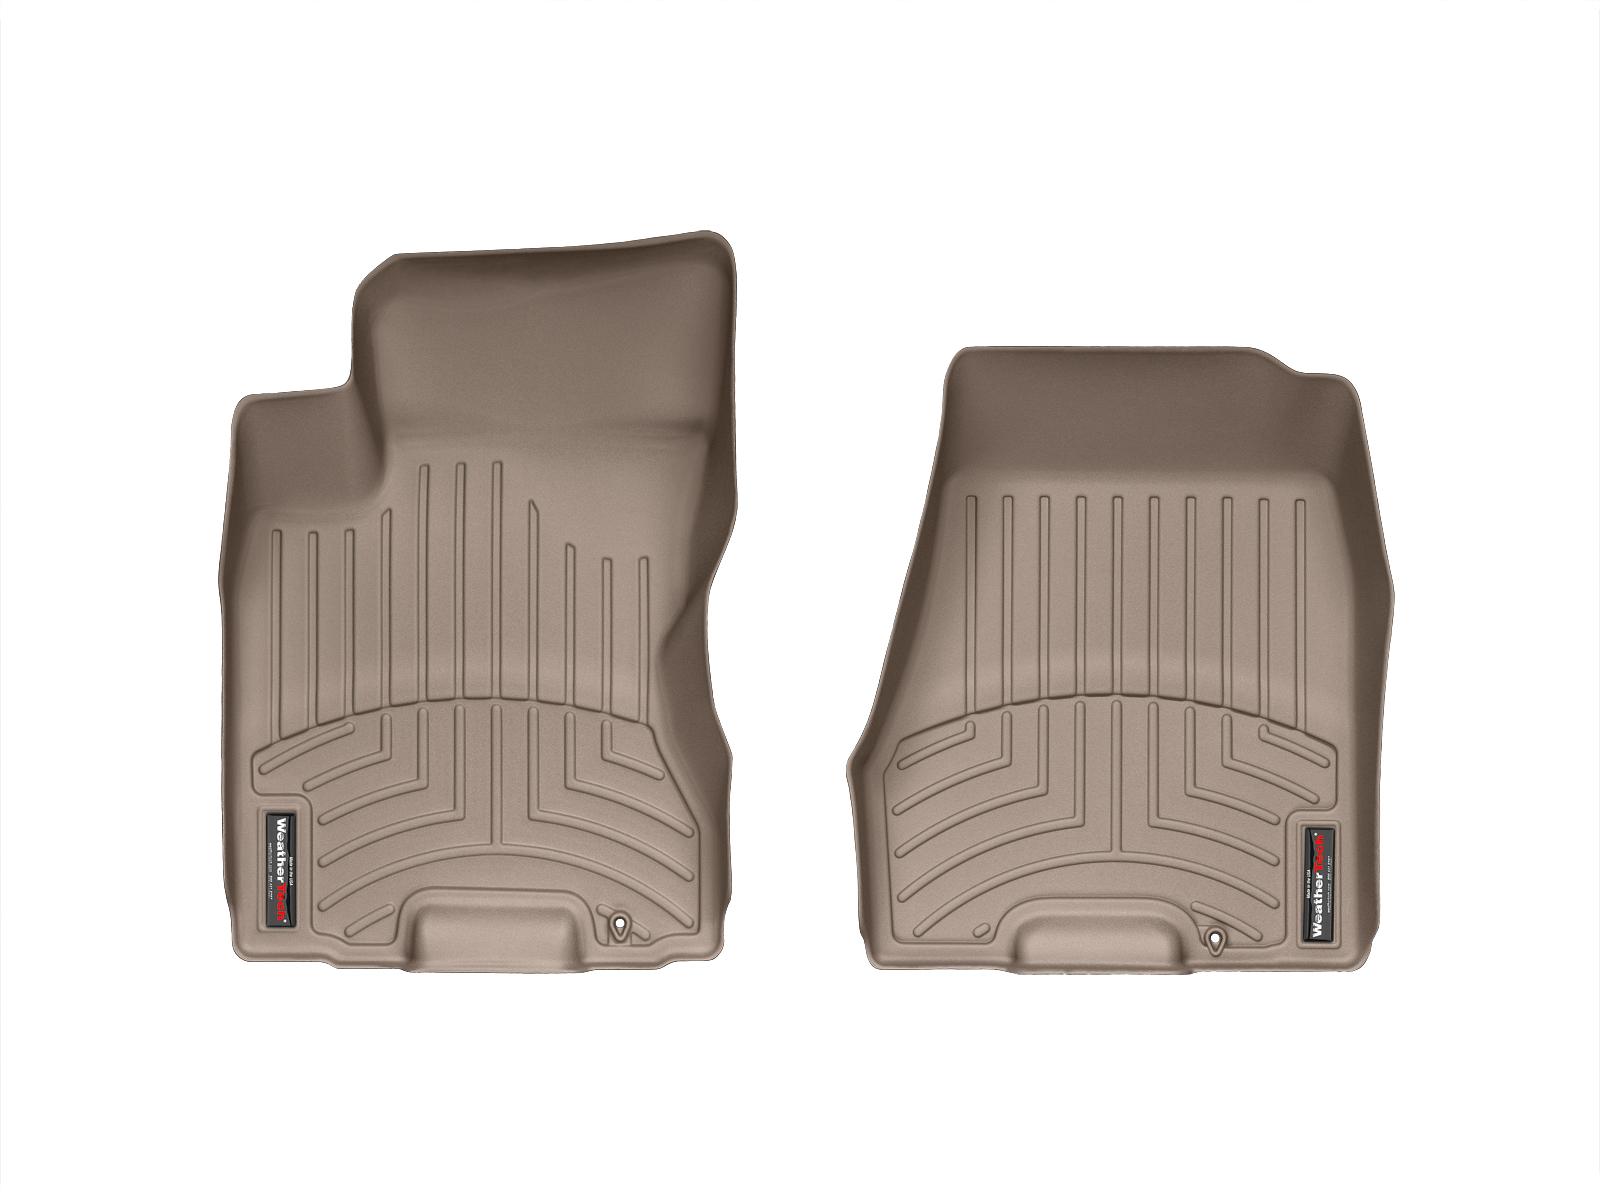 Tappeti gomma su misura bordo alto Nissan X-Trail 14>14 Marrone A2933